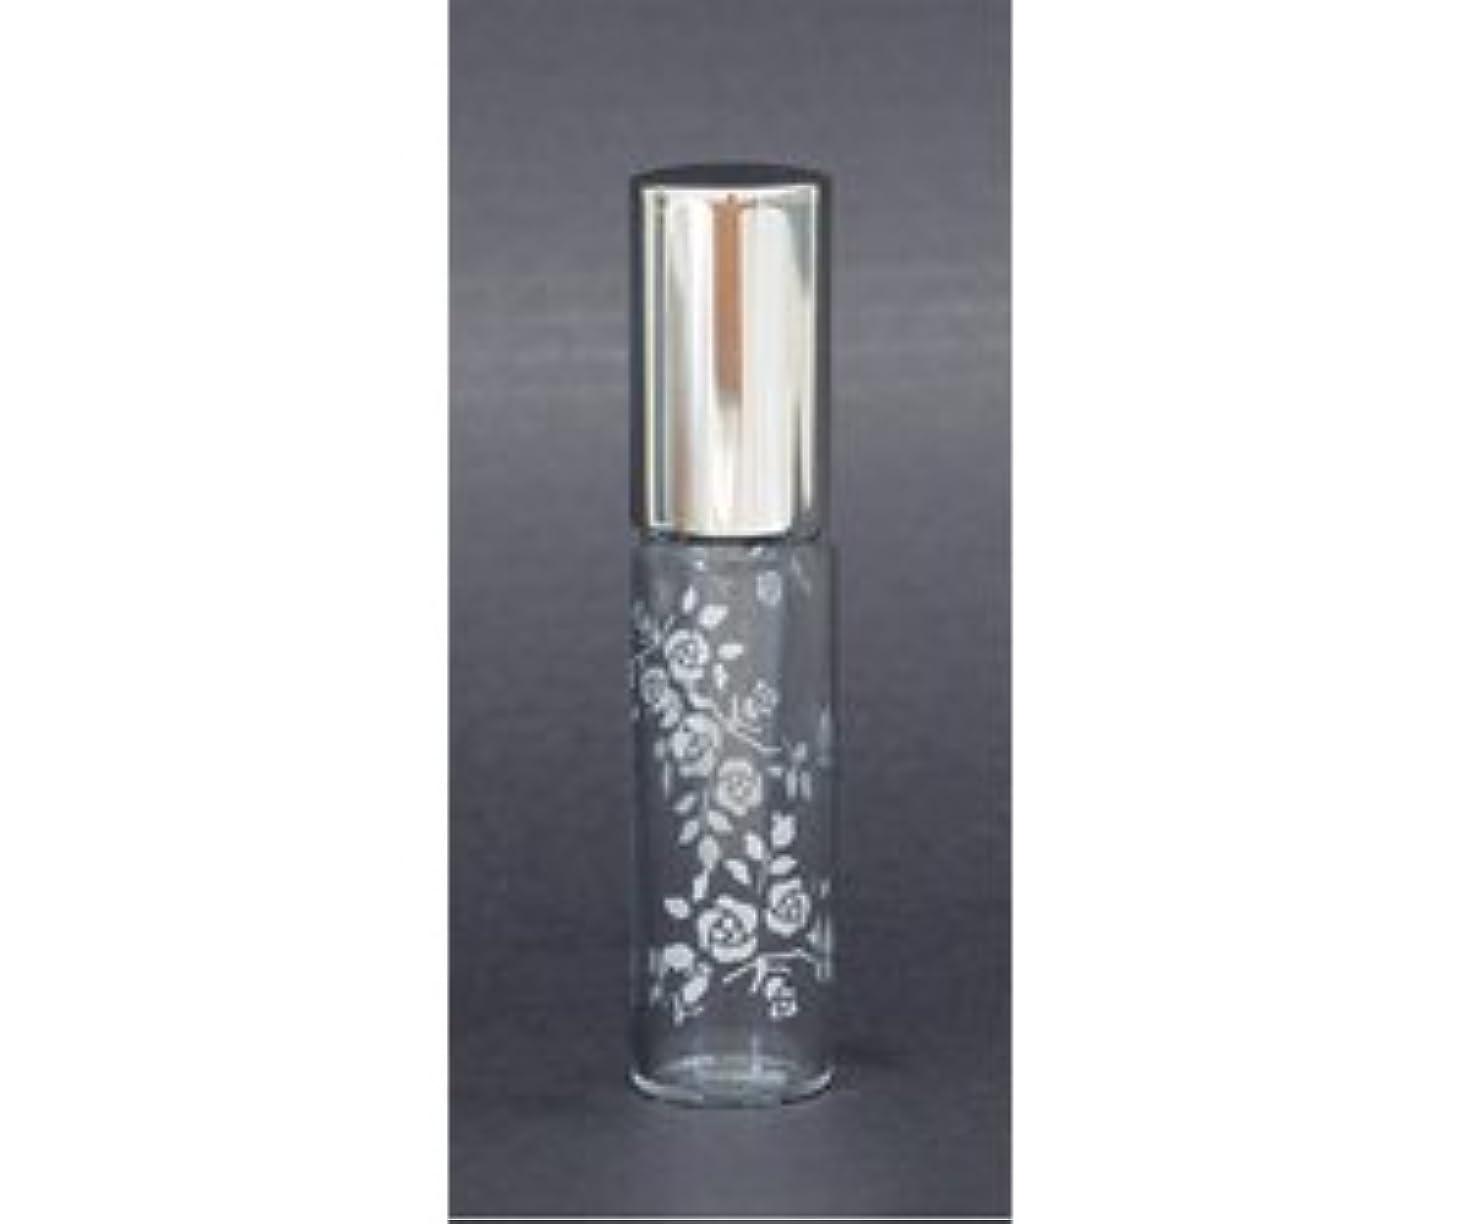 鉛筆キャンセル服を片付けるヤマダアトマイザー コロプチ パフュームローラー 香水 携帯用 詰め換え用付属品入り 60714 アトマイザー